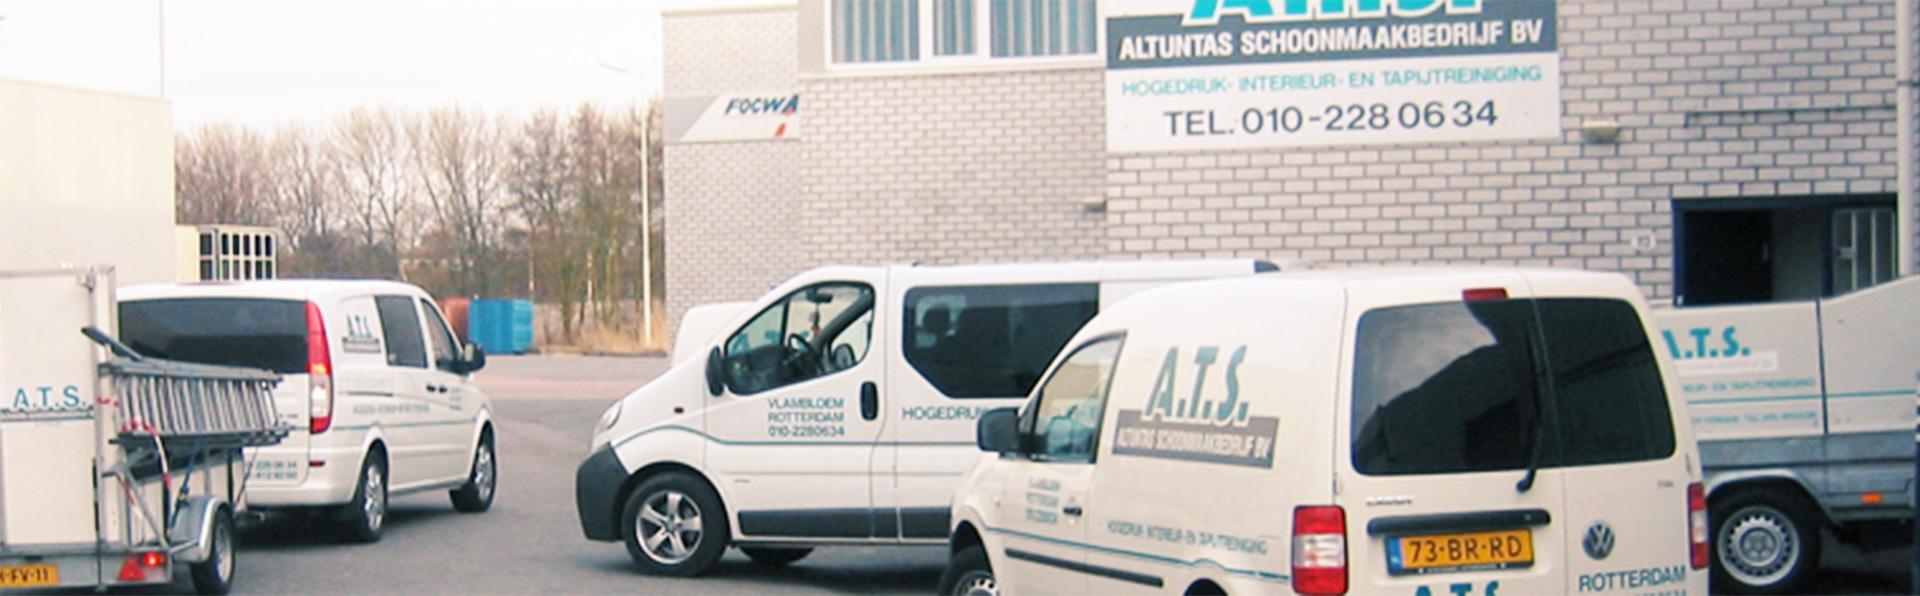 Schoonmaakbedrijf-Tilburg-ATS-header